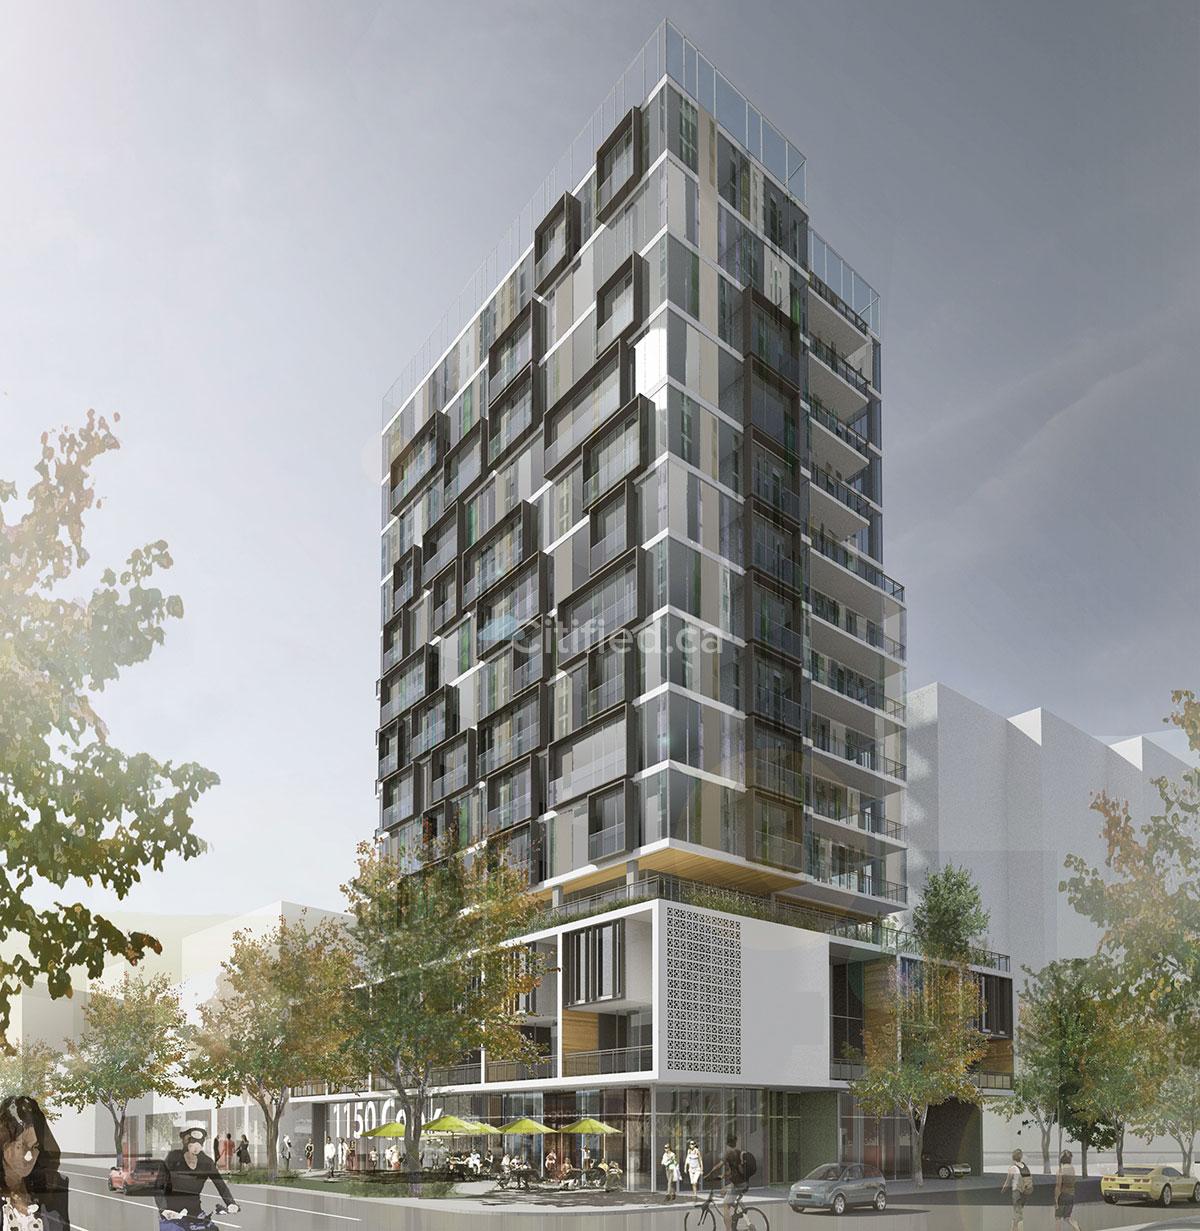 1150-Cook-Street-rendering-A.jpg